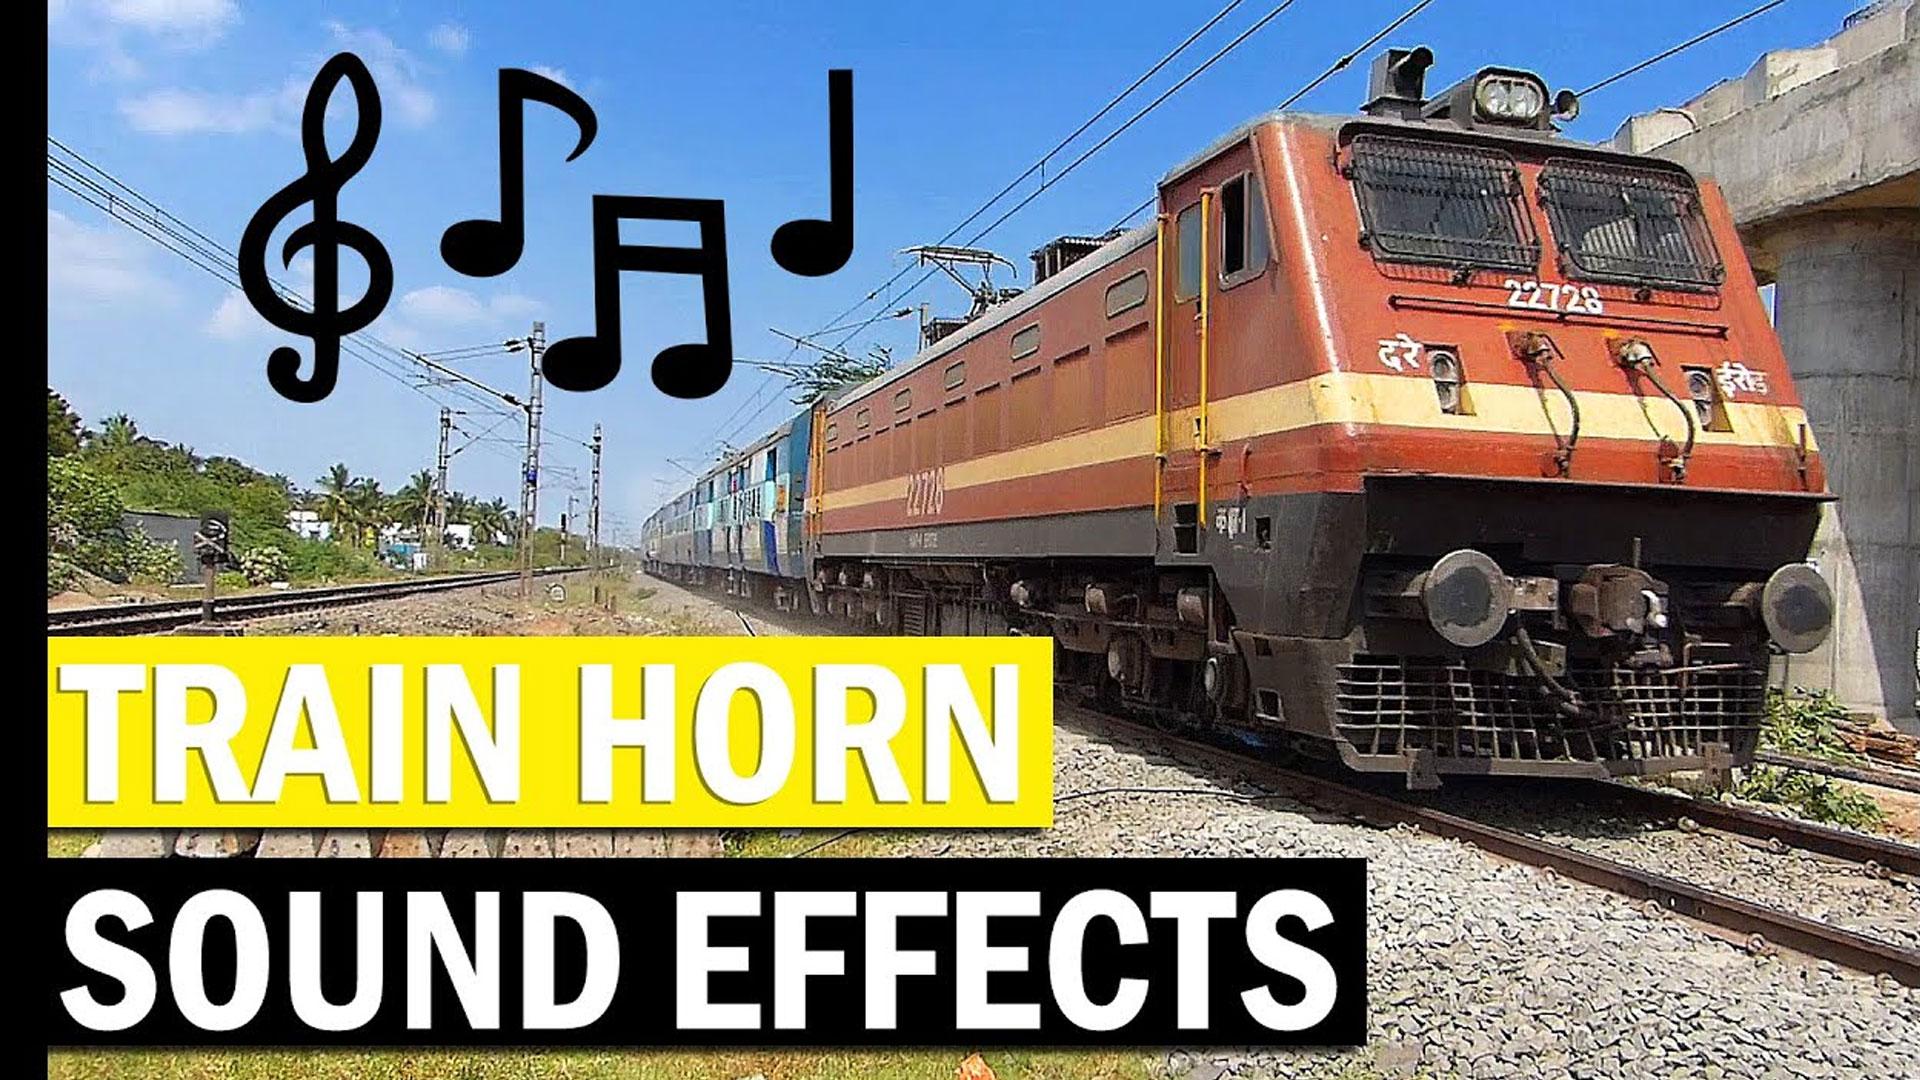 Train-horns